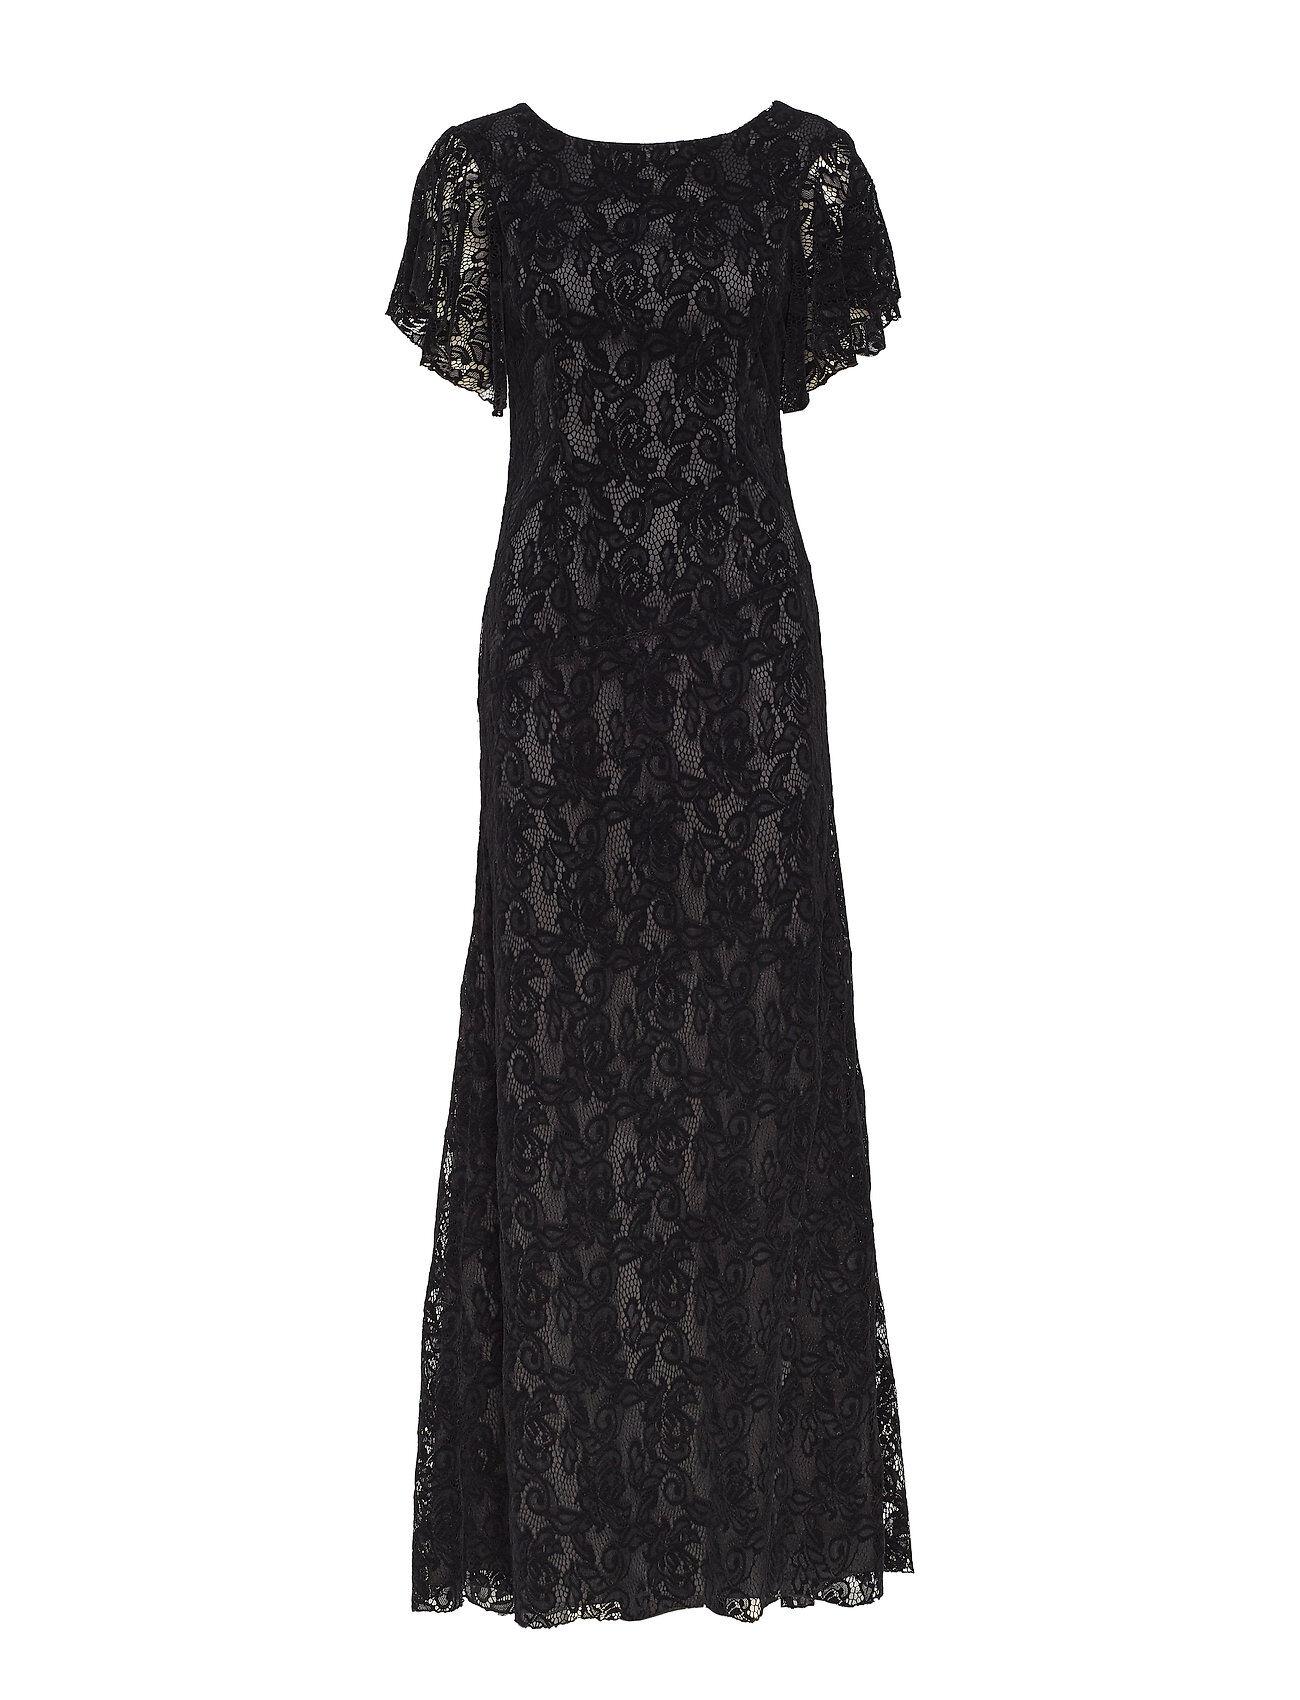 Valerie Billy Long Dress